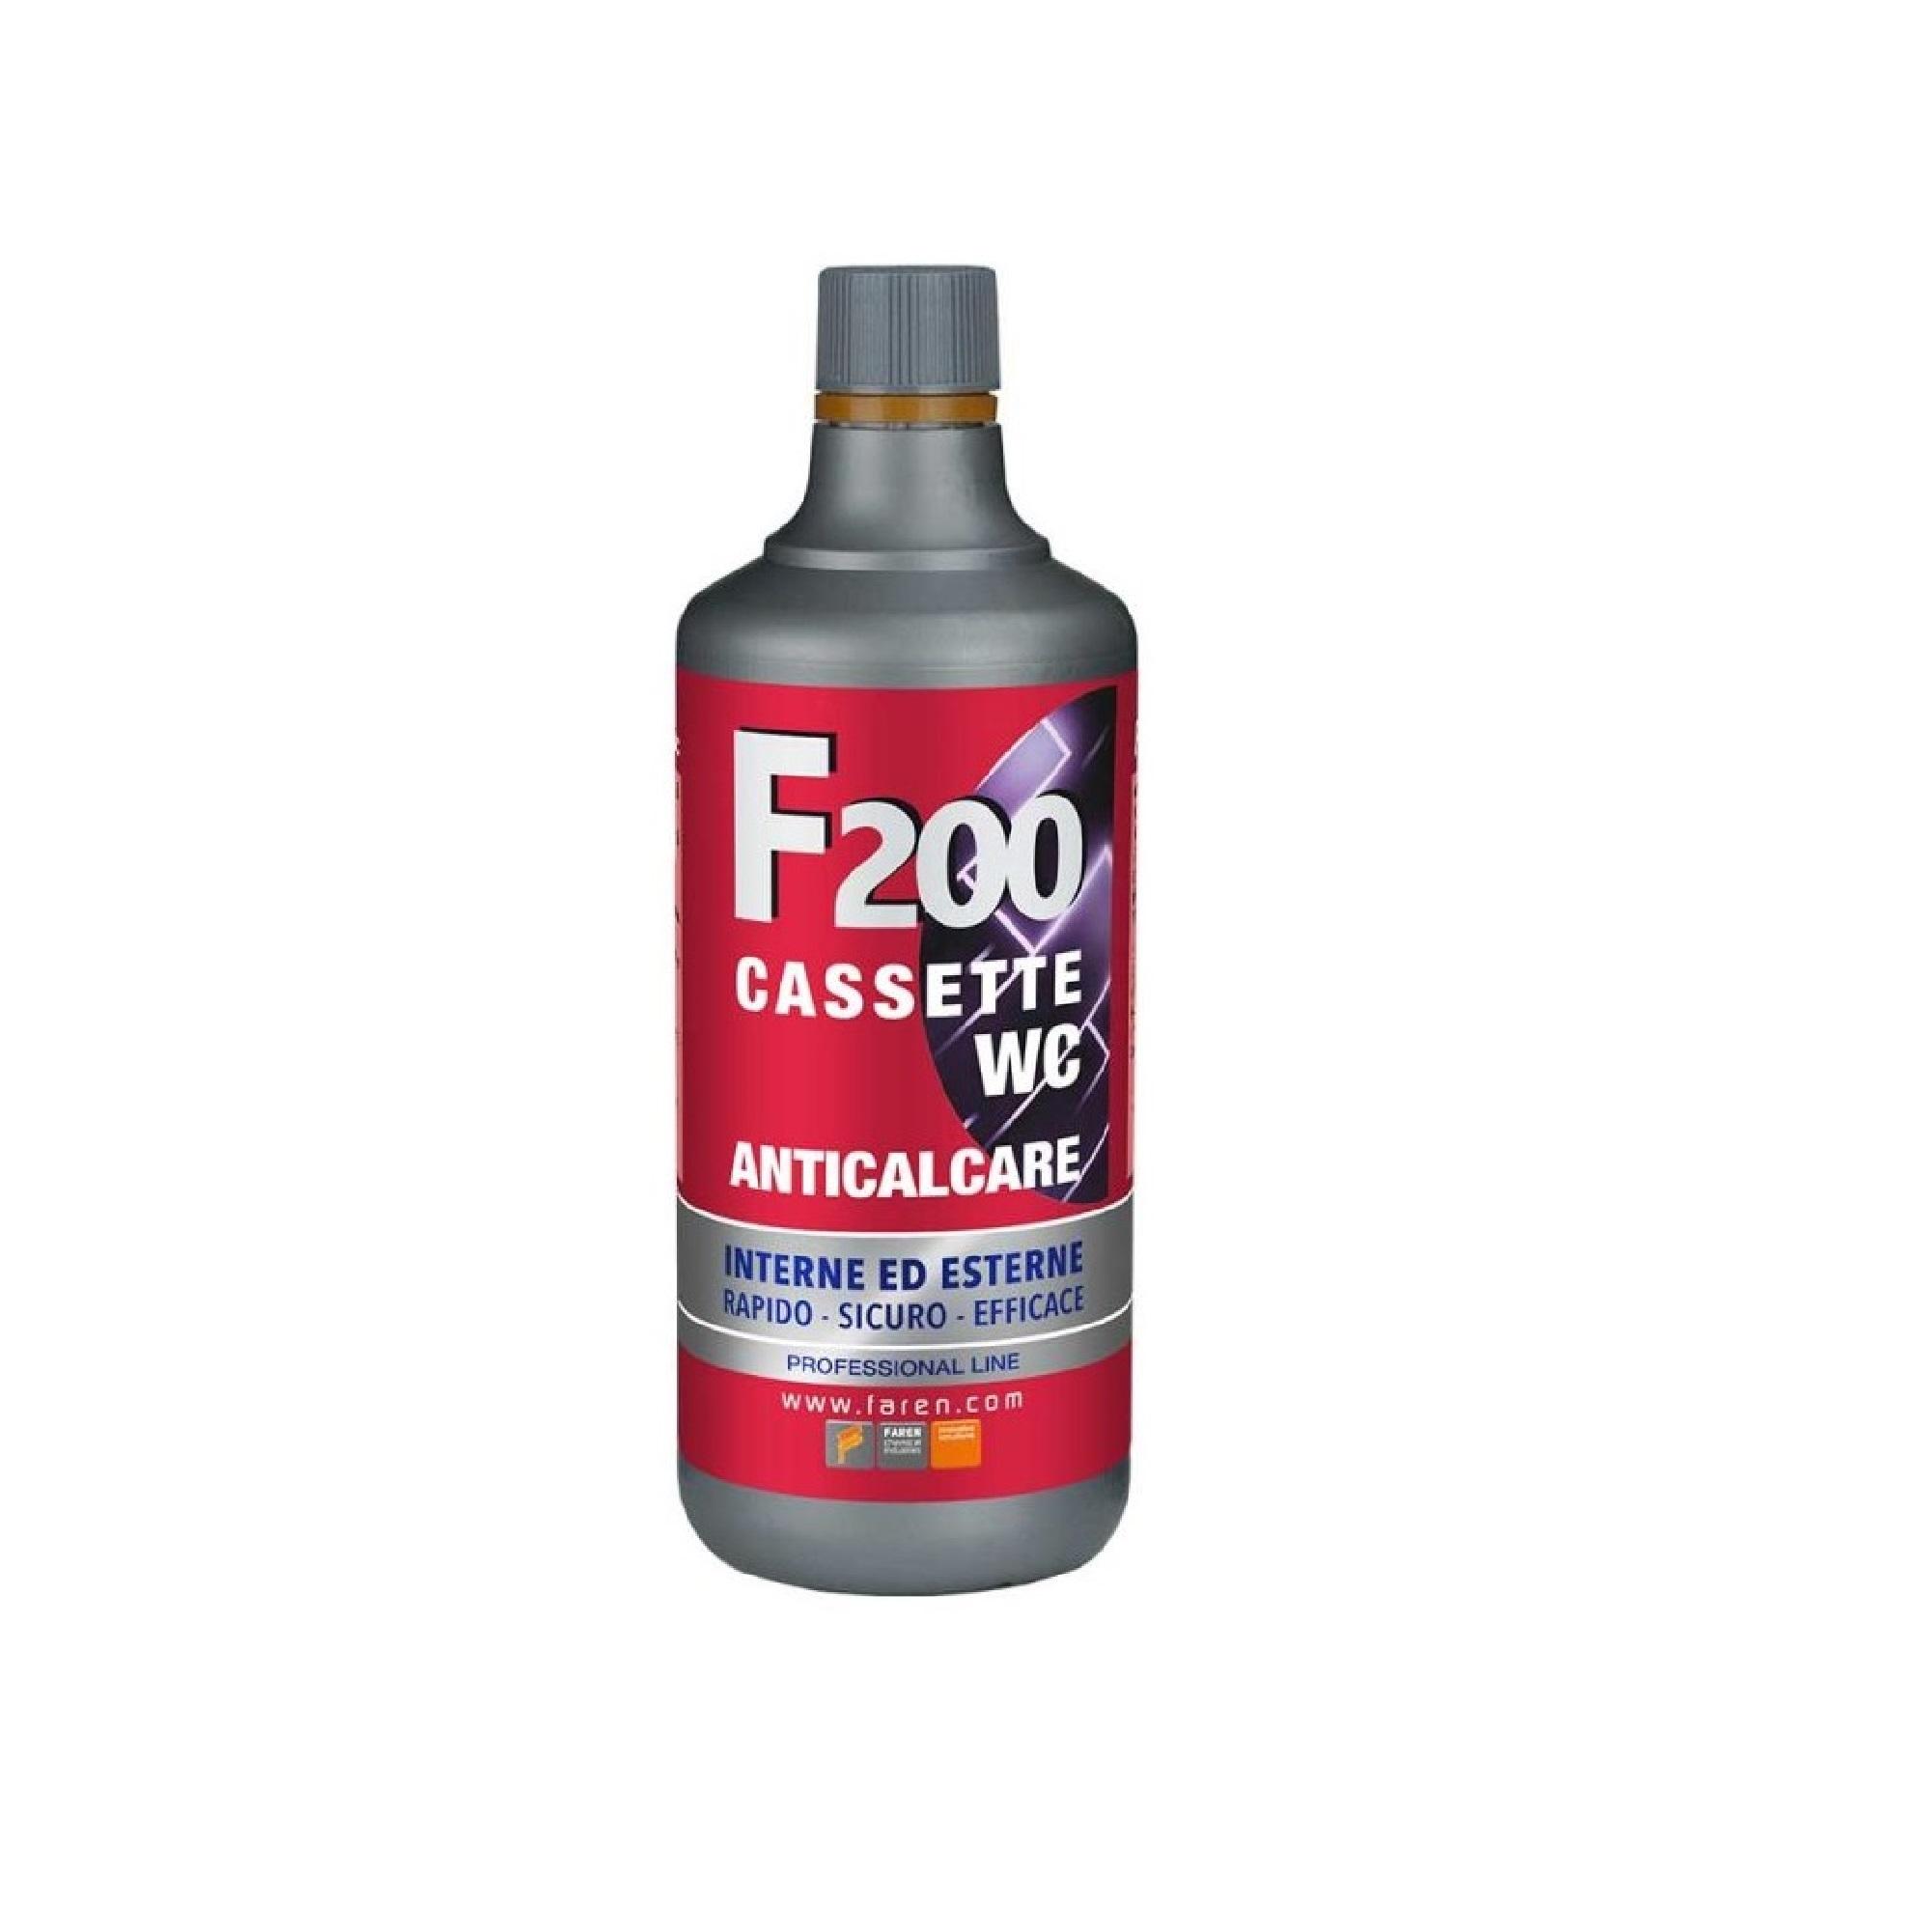 Incrostazioni Di Calcare Nel Wc faren f200 anticalcare professionale per cassette wc 1l